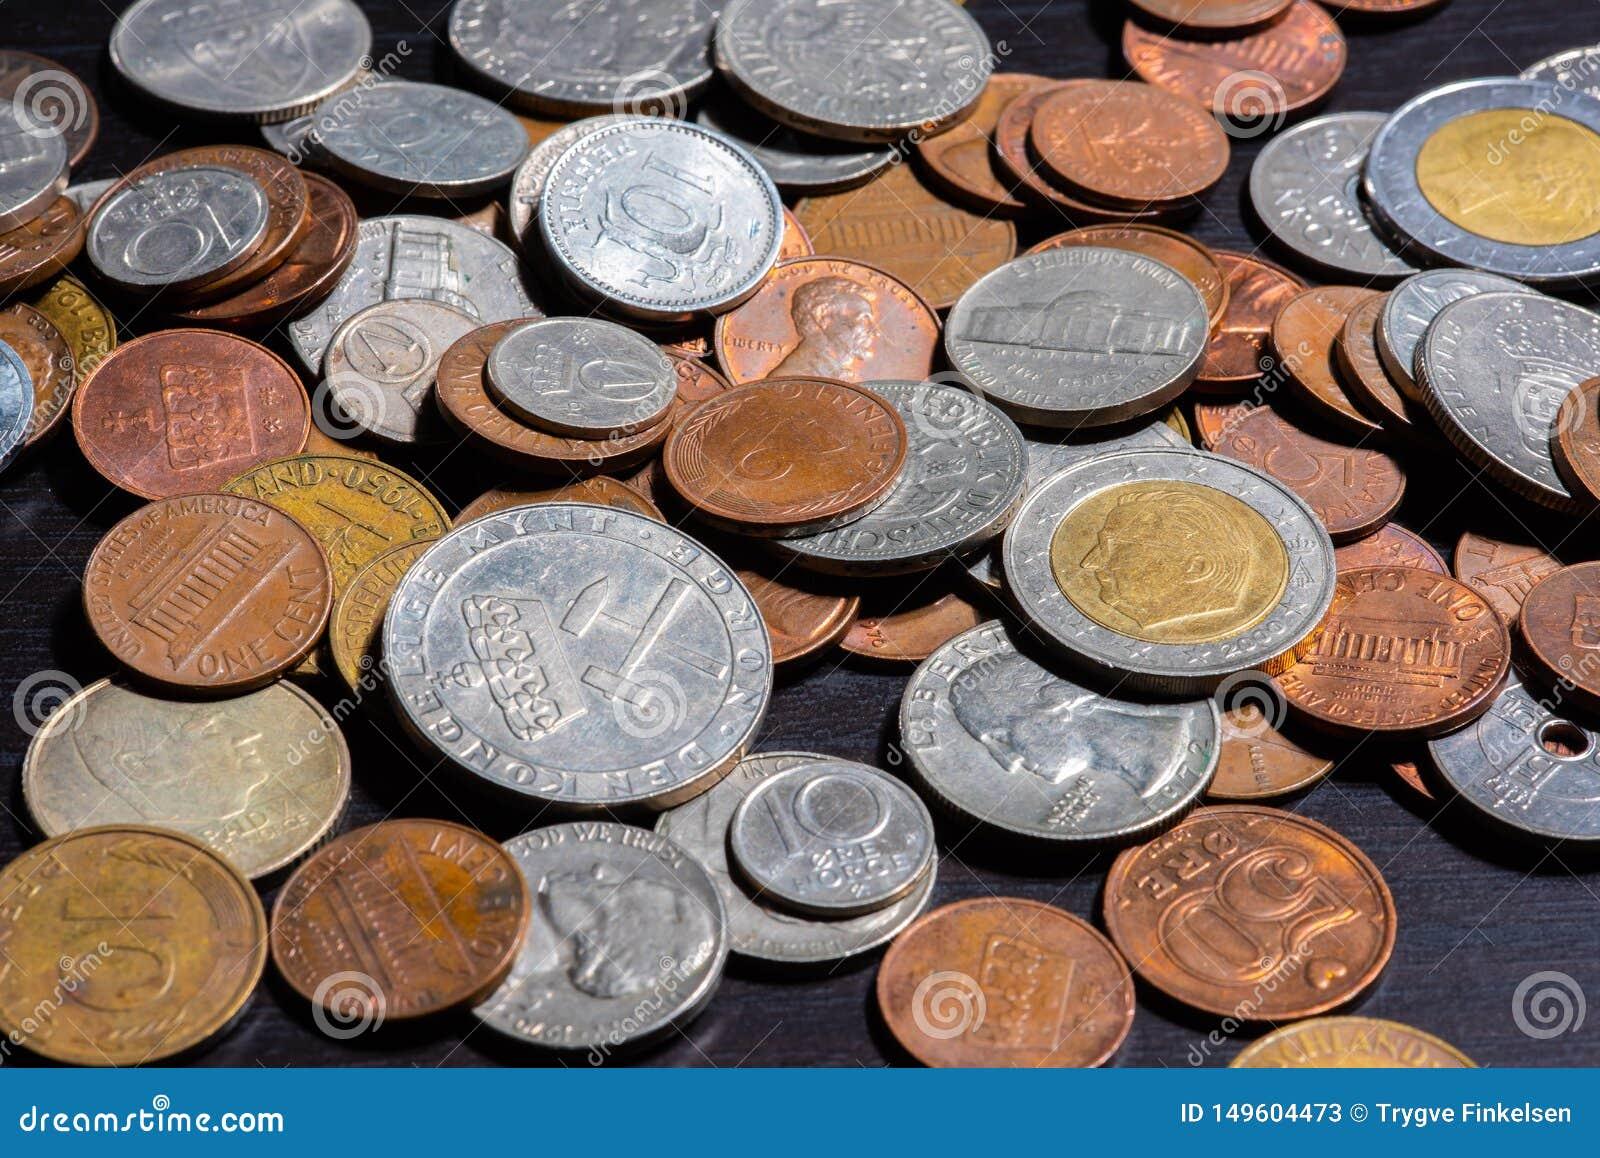 Διαφορετικά είδη νομισμάτων σε έναν μαύρο πίνακα